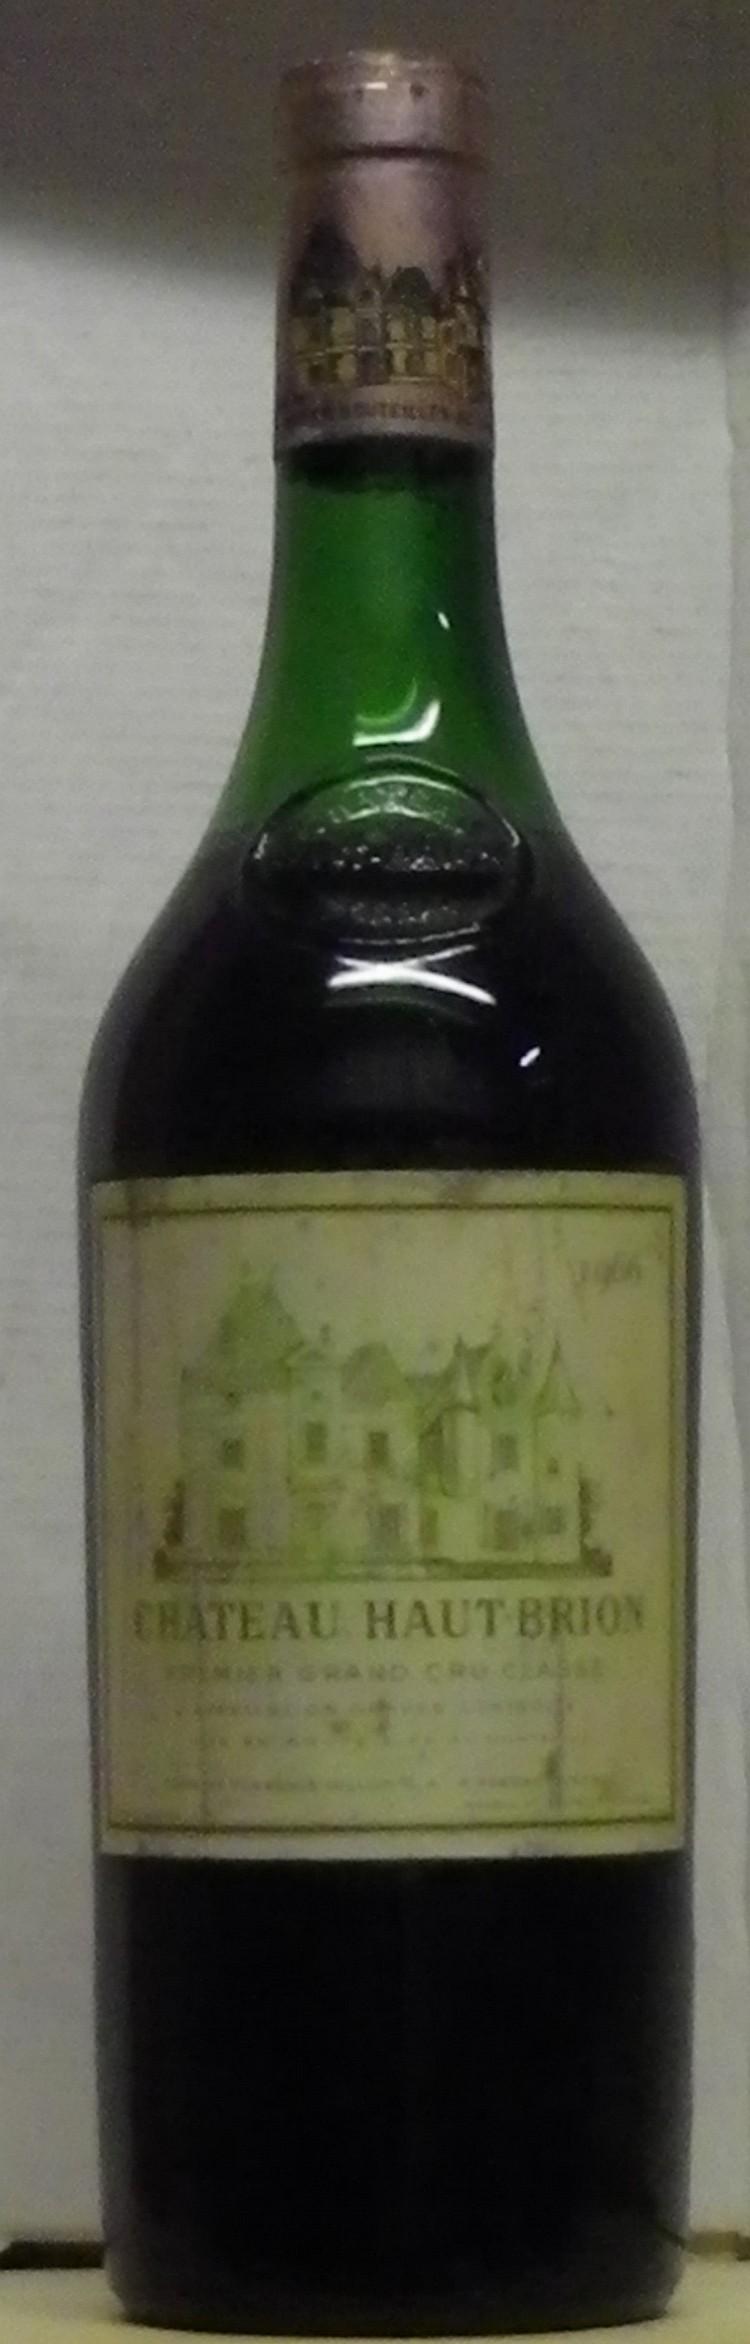 1 Bouteille HAUT BRION Etiquette très légèrement tachée, niveau 5 cm.  Label lightly stained, level 5 cm.   1966